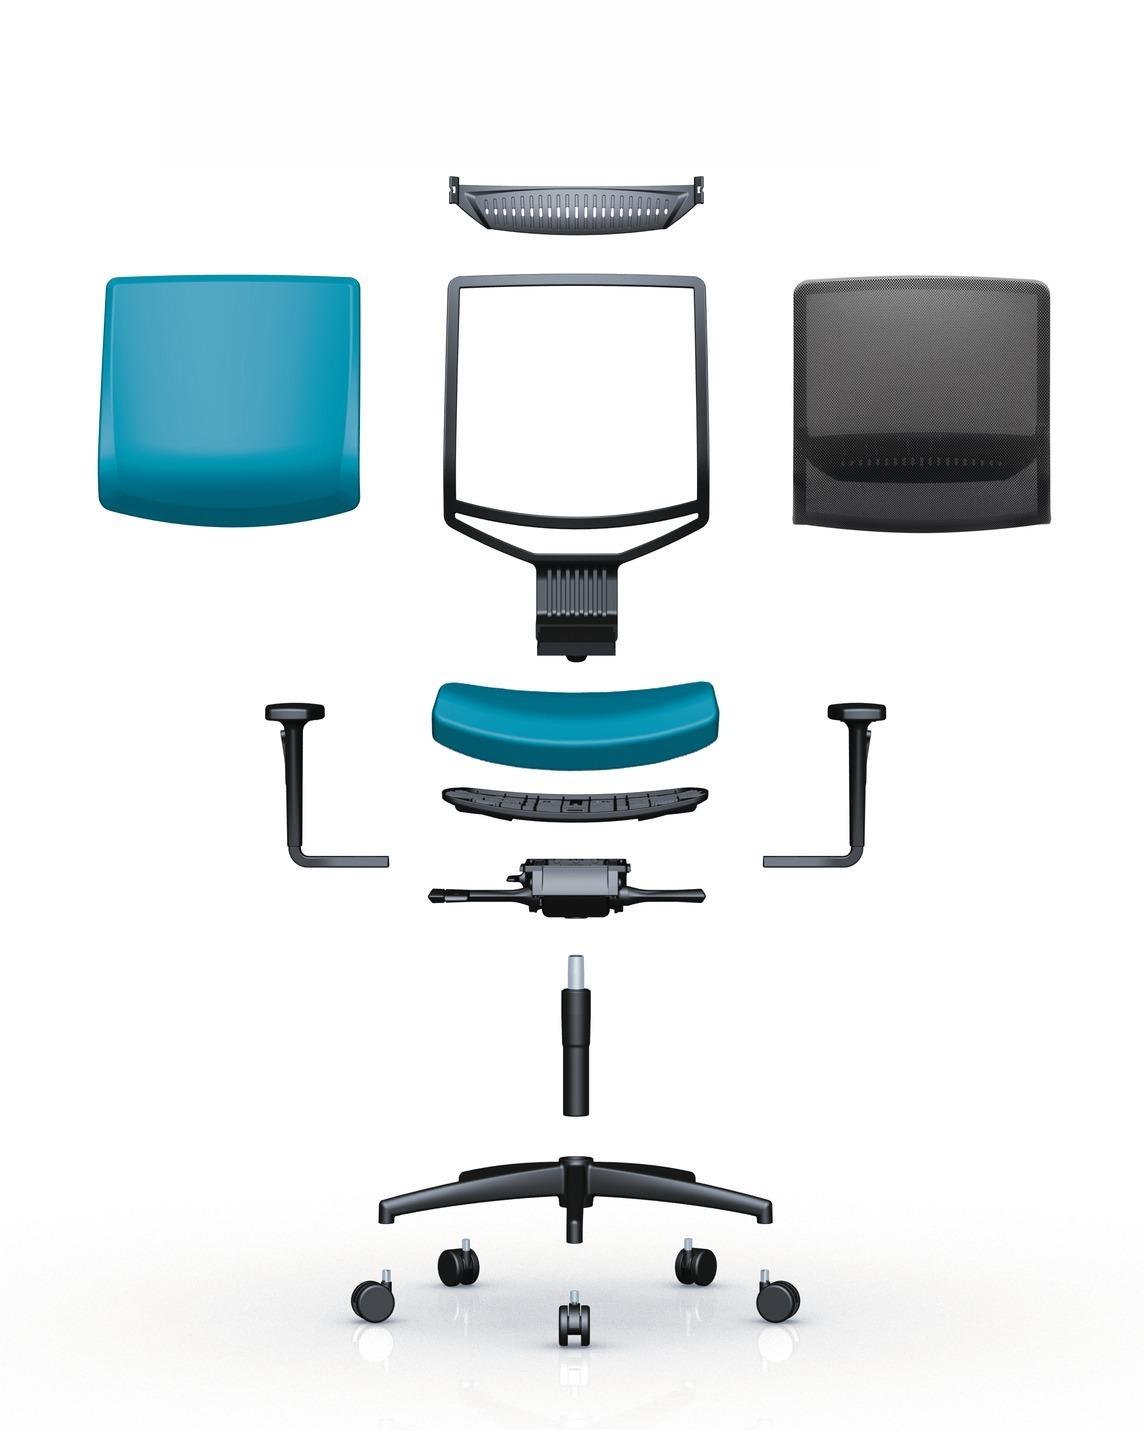 stel uw eigen bureaustoel samen